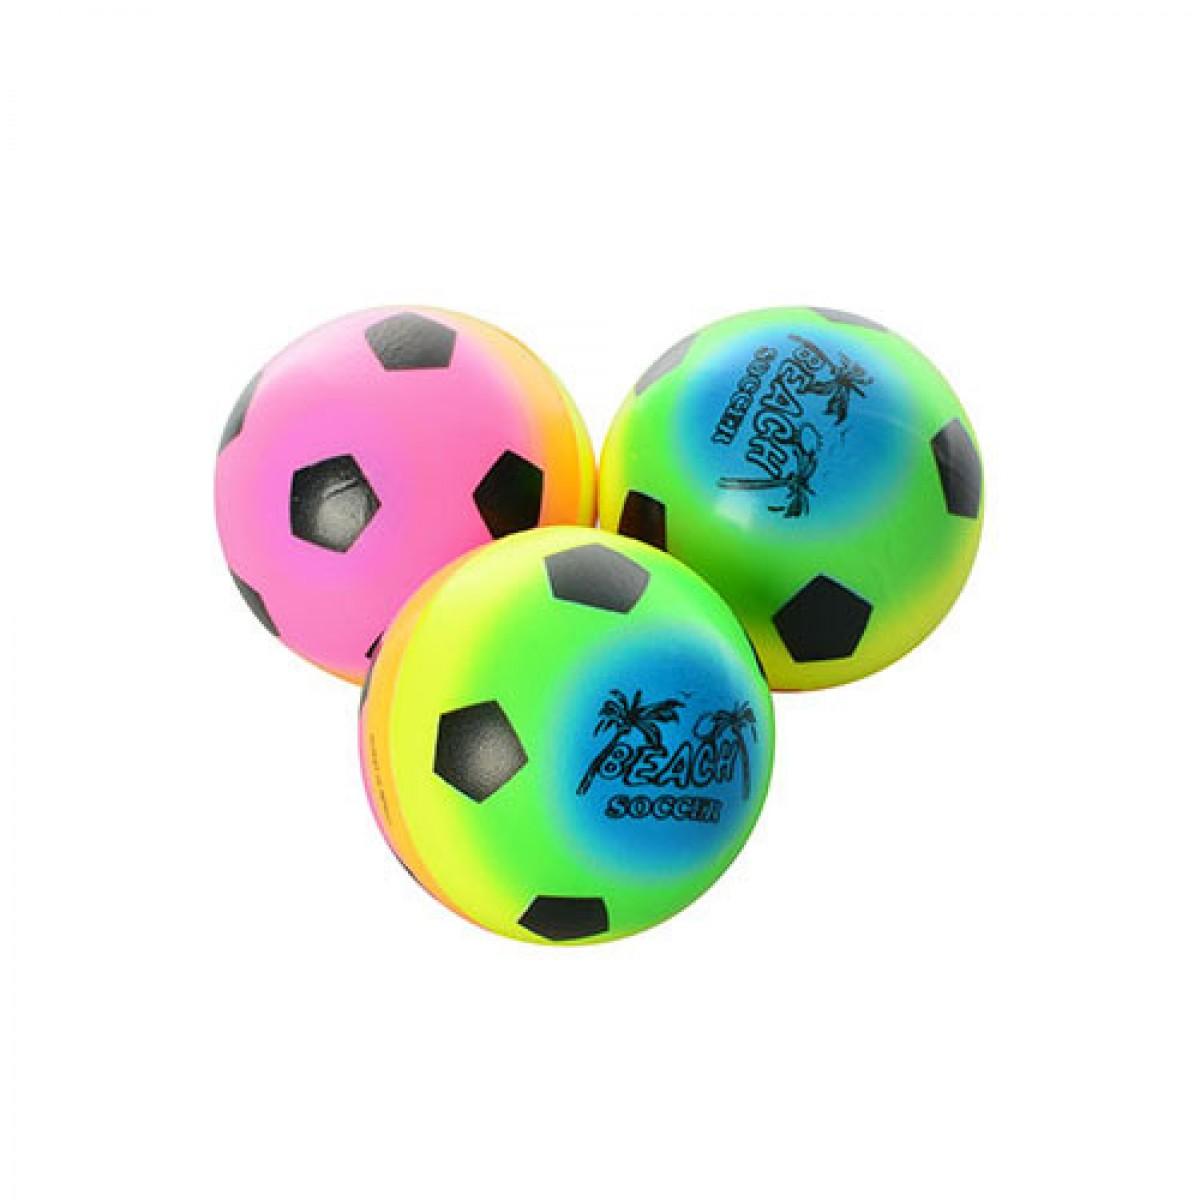 Мяч детский фомовый Profi 8 см (MS 0260). Купить фомовый мяч для ... 5a33b3833bb